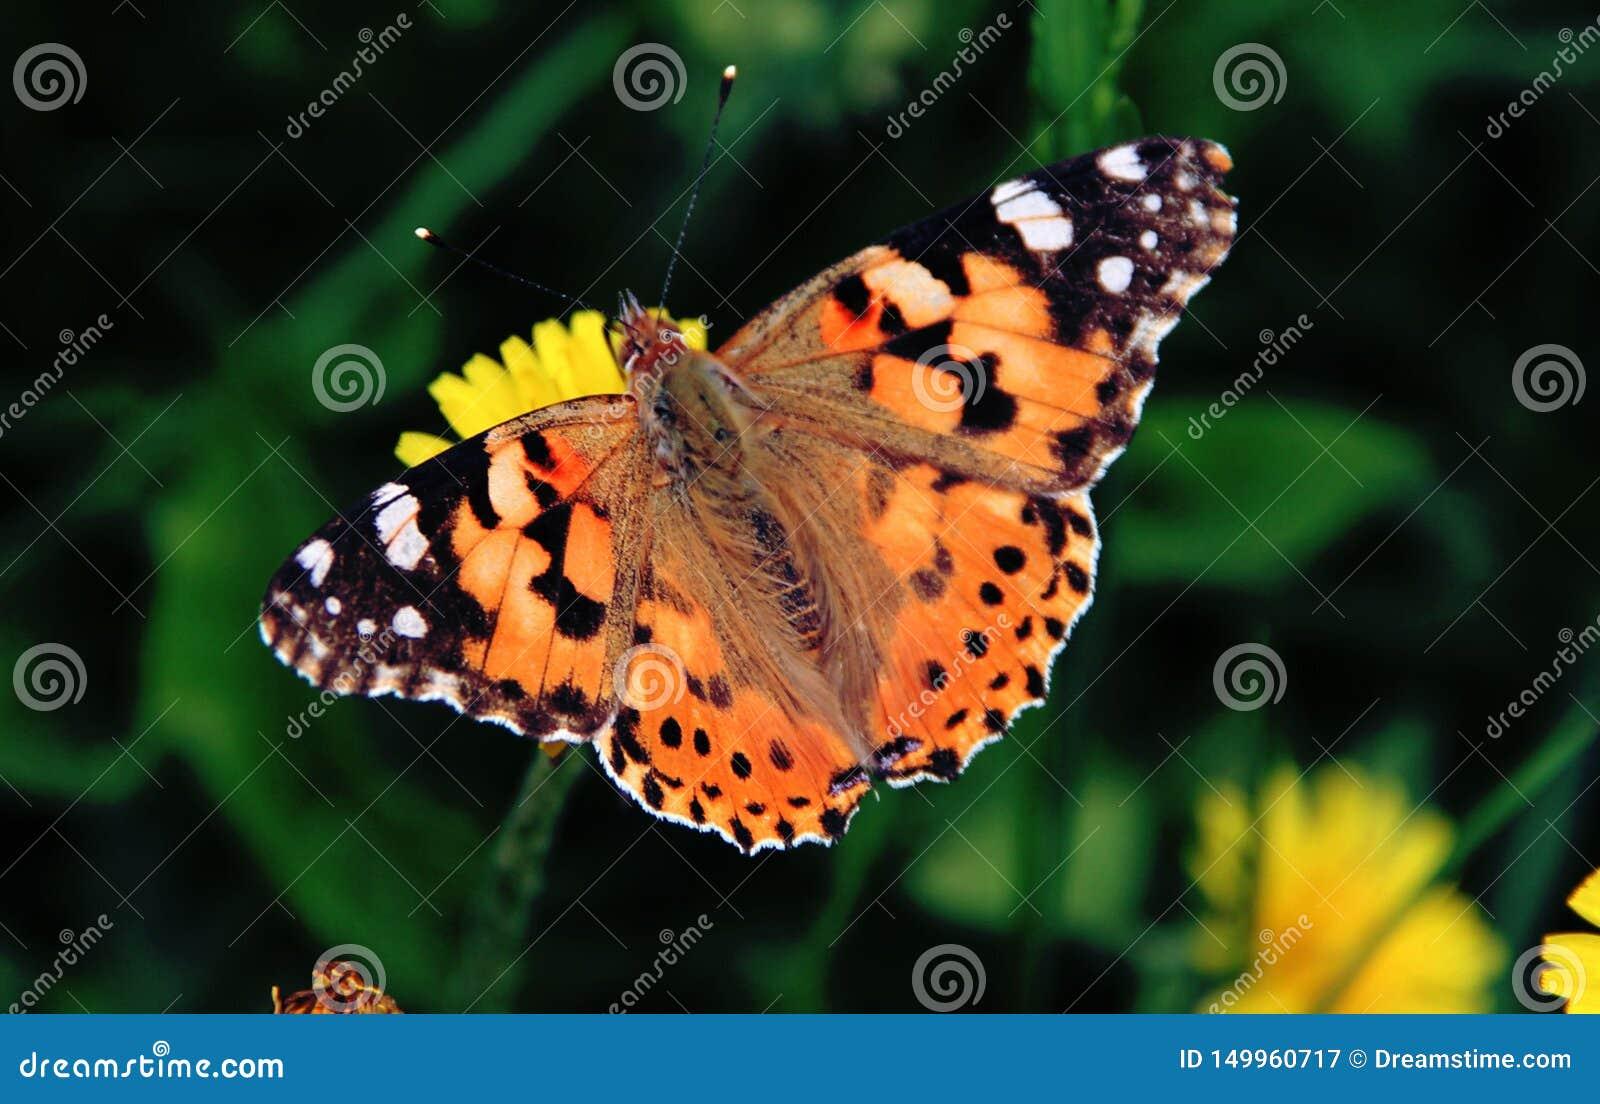 Papillon se reposant tranquillement sur une fleur jaune de pissenlit